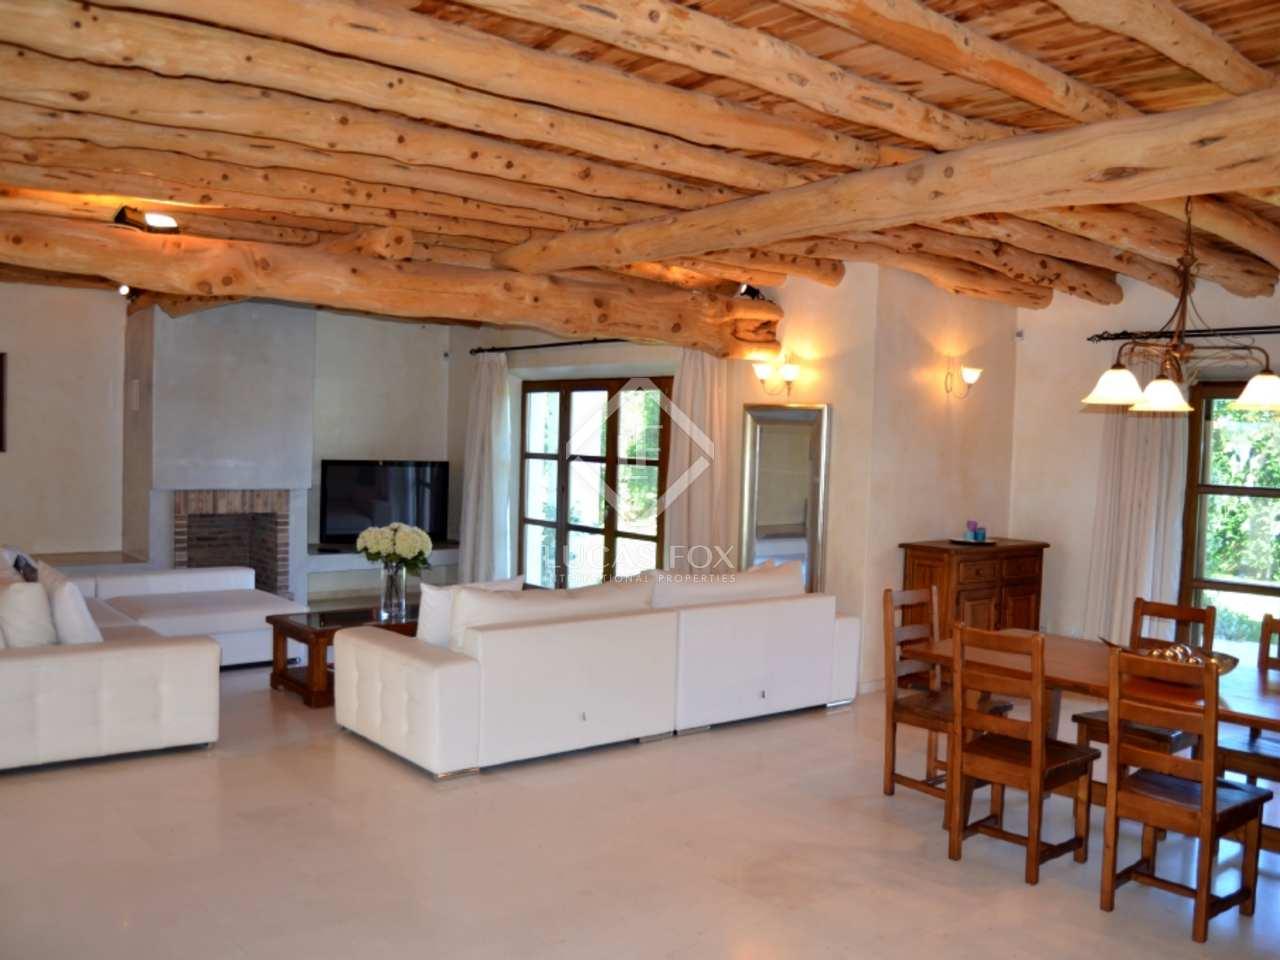 Casa rural moderna en venta cerca de santa eulalia ibiza for Casa rural moderna